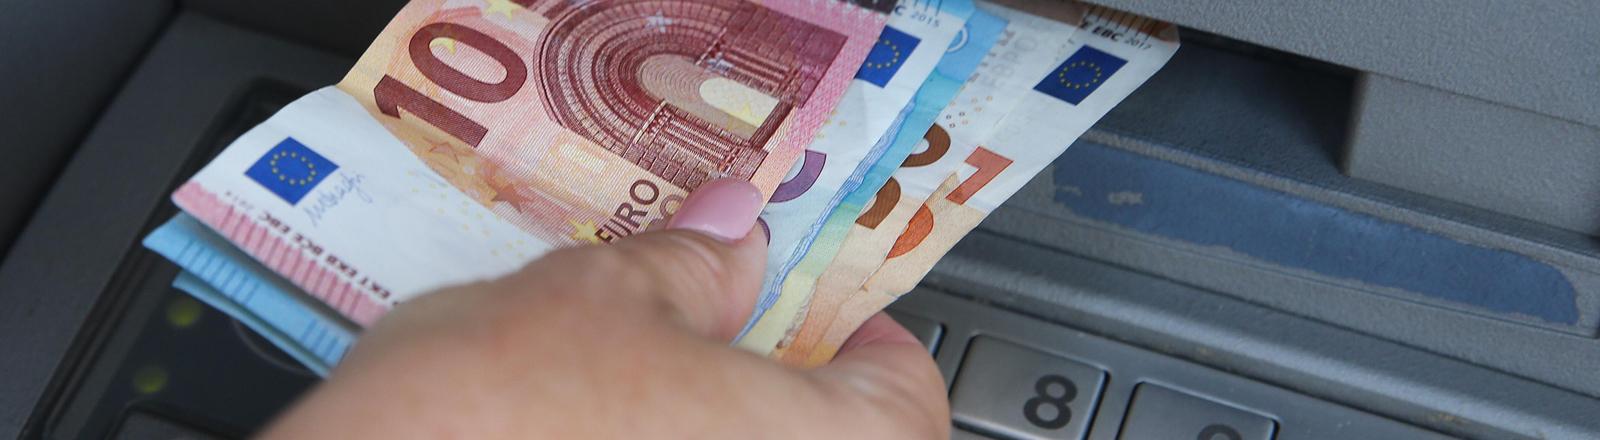 Auszahlung an einem Geldautomaten